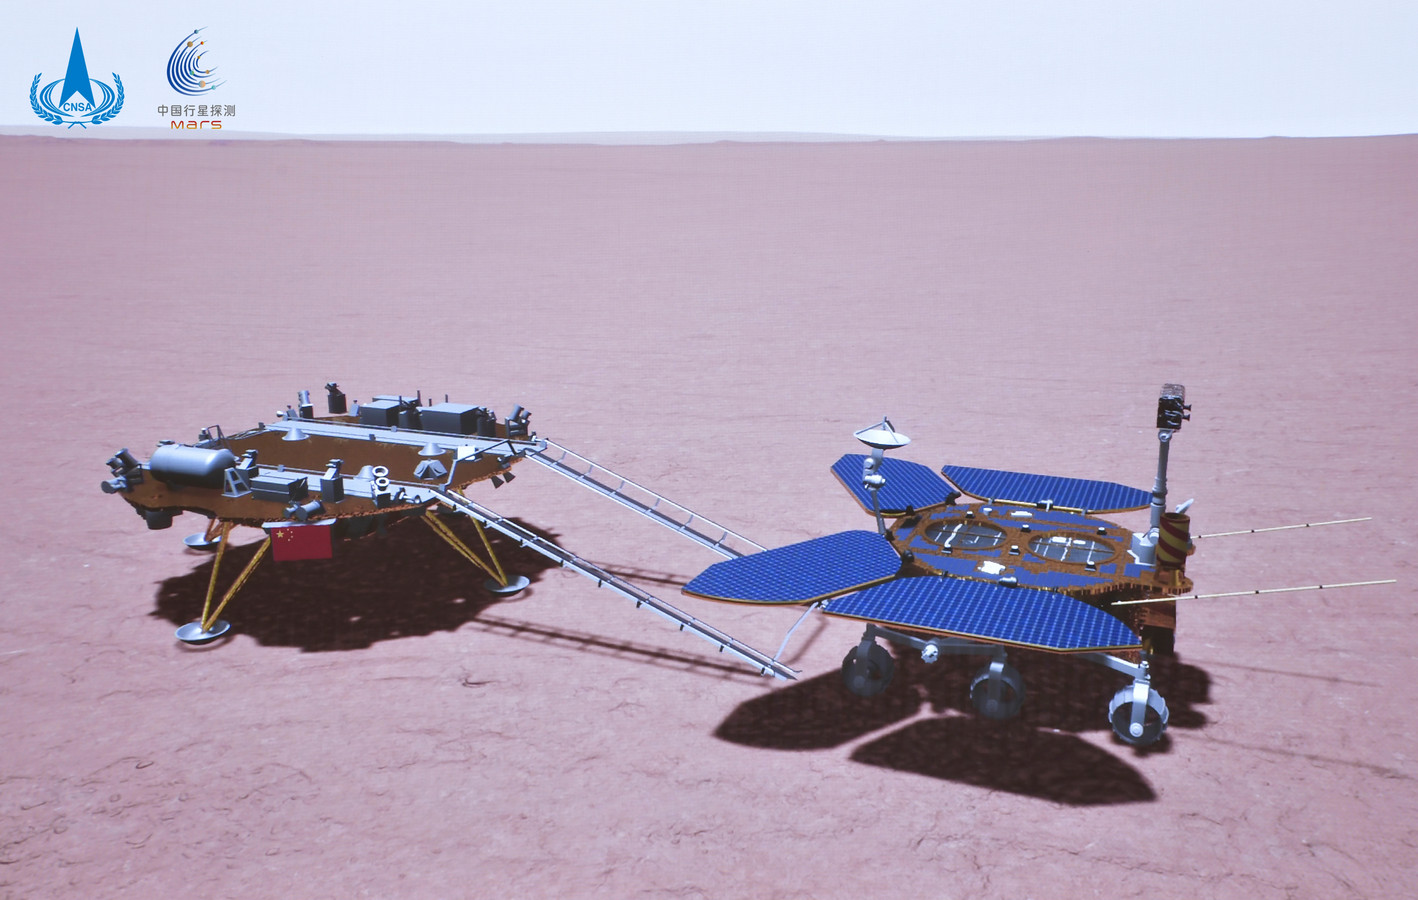 L'envoi de ce robot sur Mars constitue une première pour le pays asiatique devenu le deuxième au monde à réussir une telle opération après les États-Unis.